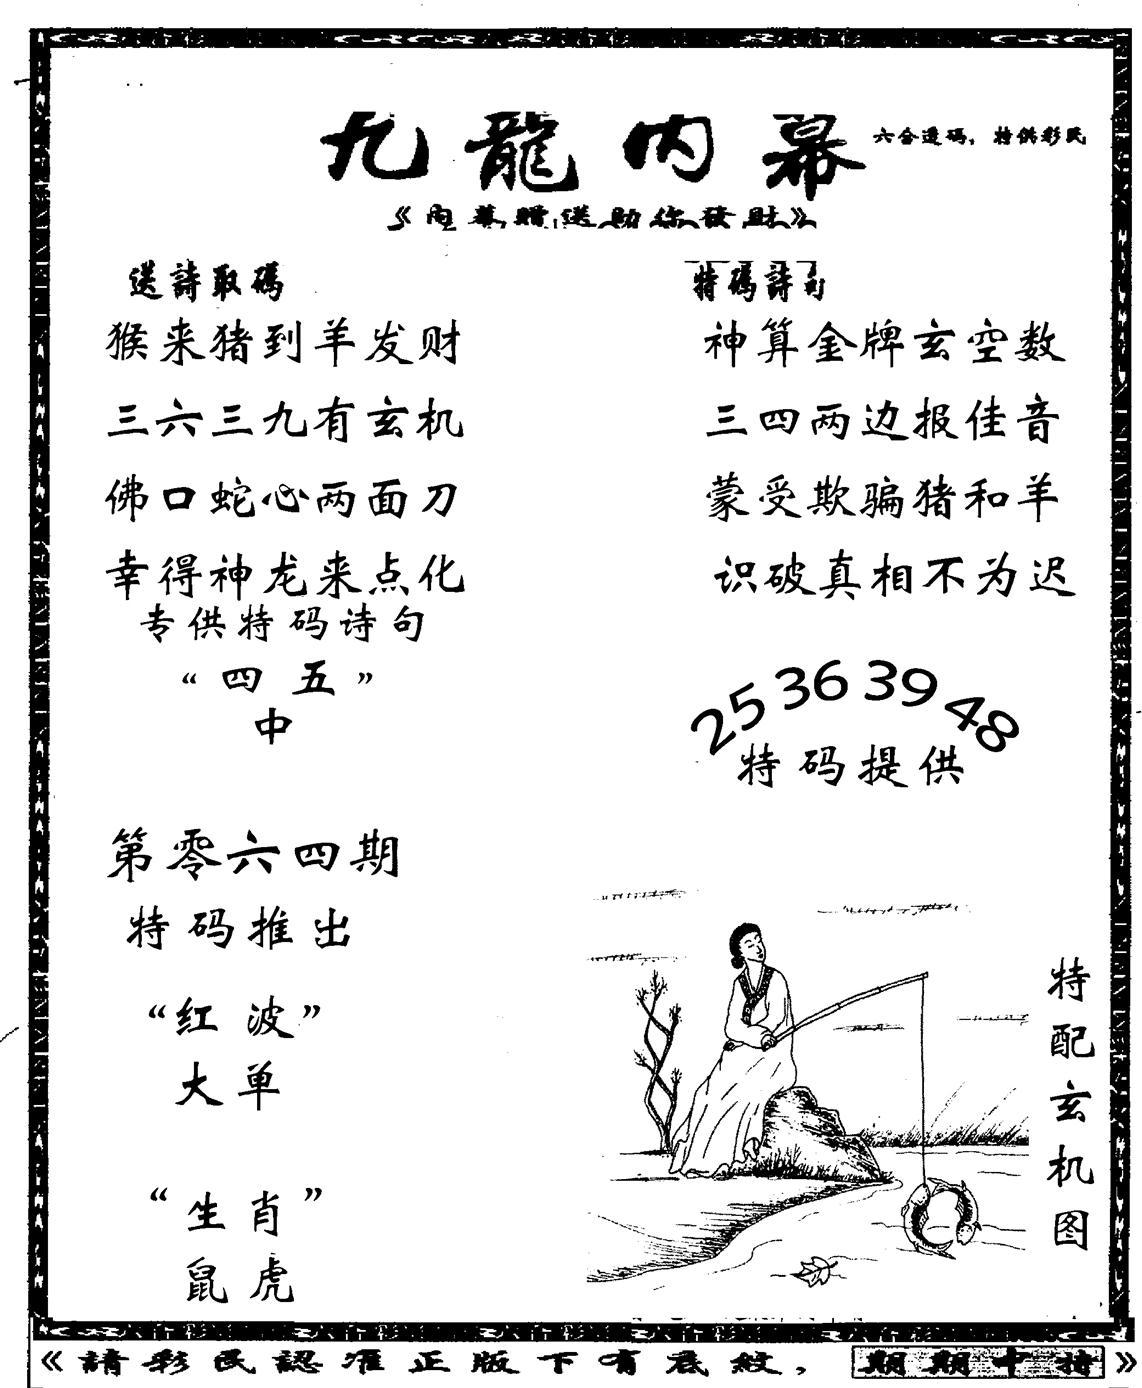 064期老九龙内幕(黑白)